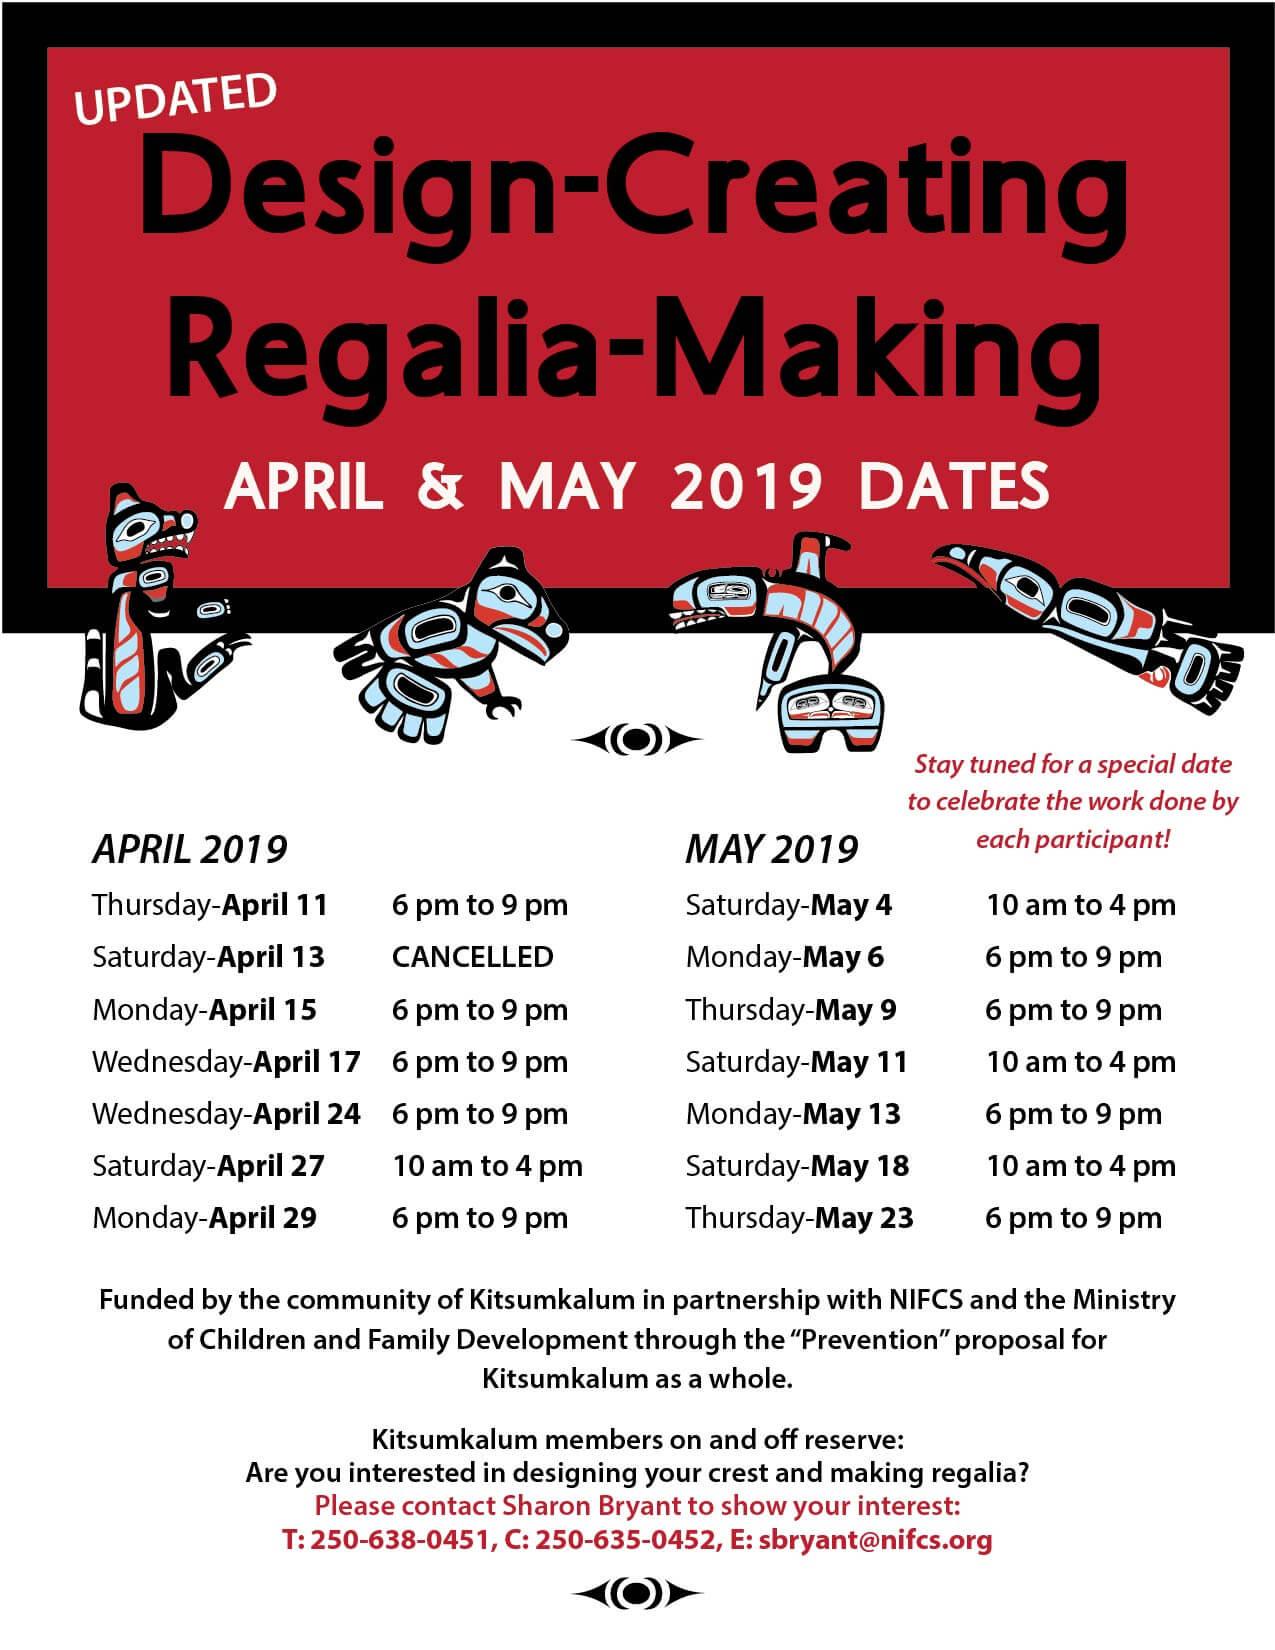 Design Creating Regalia Making APRIL 15